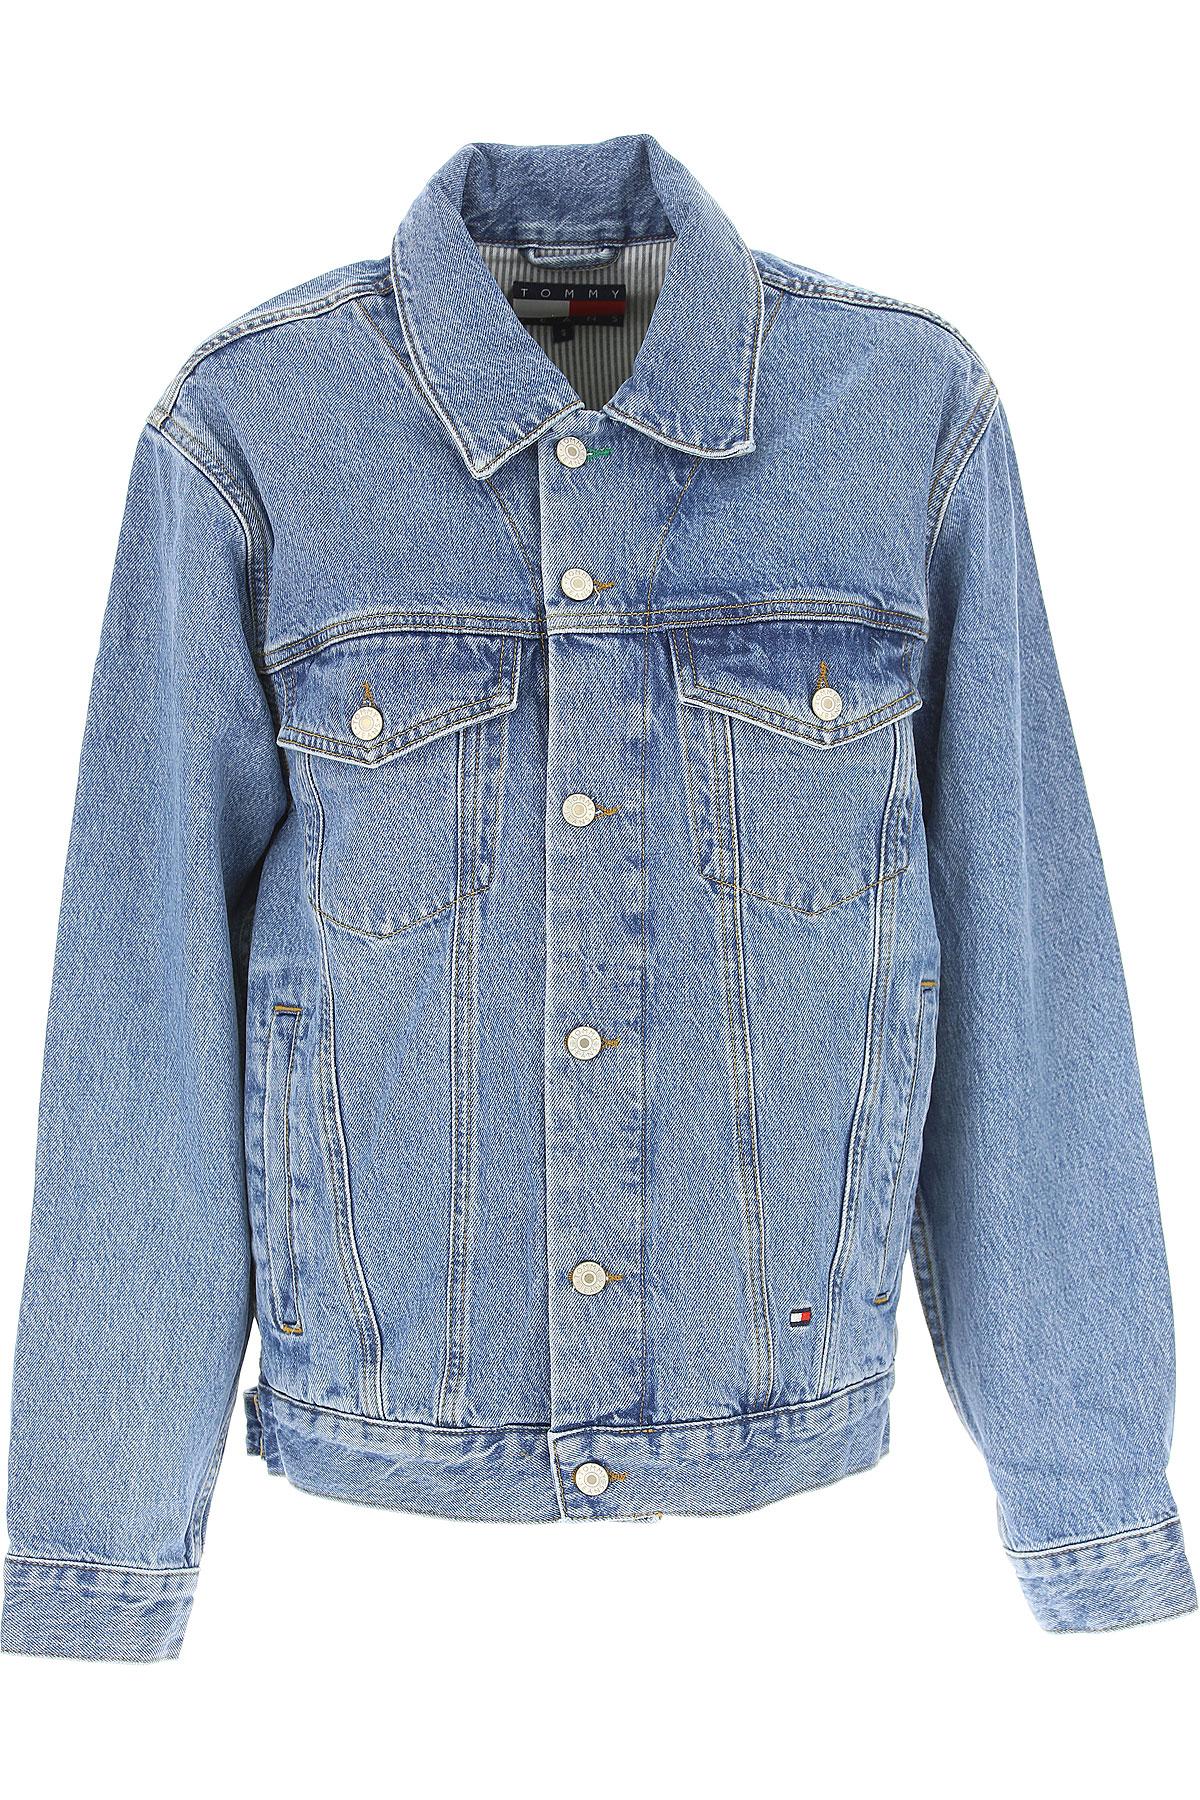 Image of Tommy Hilfiger Jacket for Women On Sale, Denim, Cotton, 2017, 2 4 6 8